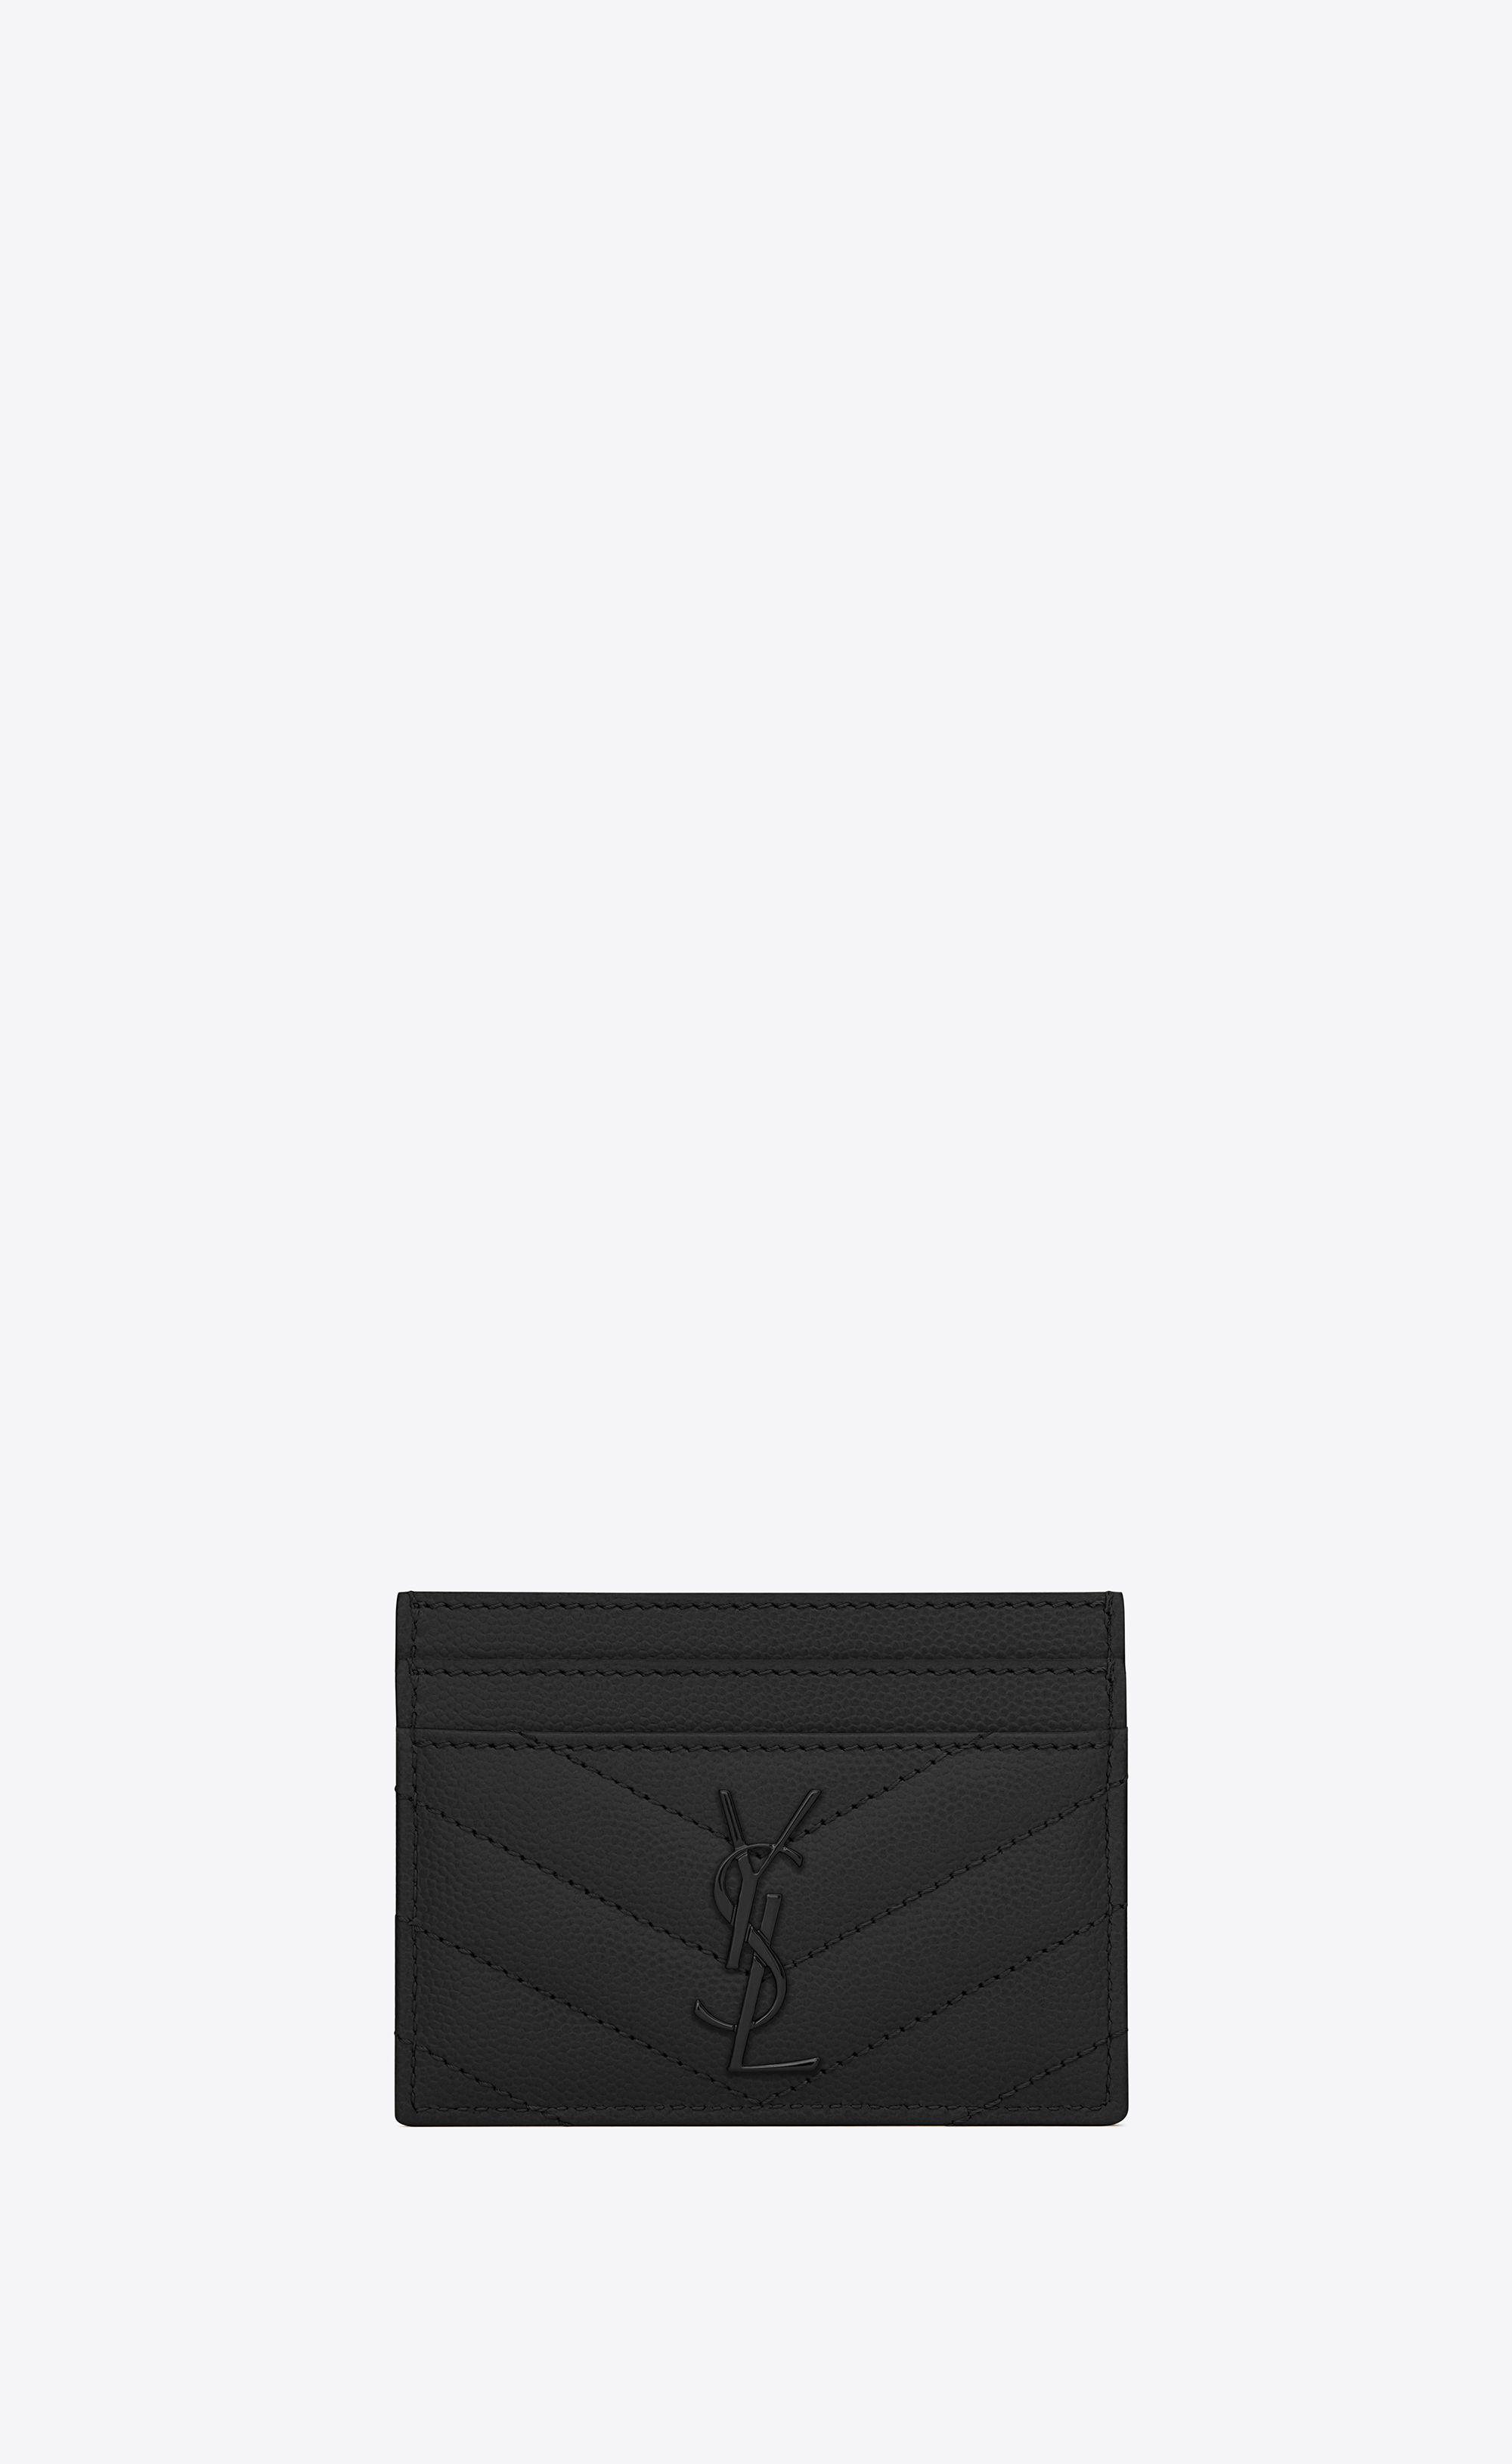 8af4de4e8ee Saint Laurent MONOGRAM CREDIT CARD CASE IN BLACK GRAIN DE POUDRE TEXTURED  MATELASSÉ LEATHER